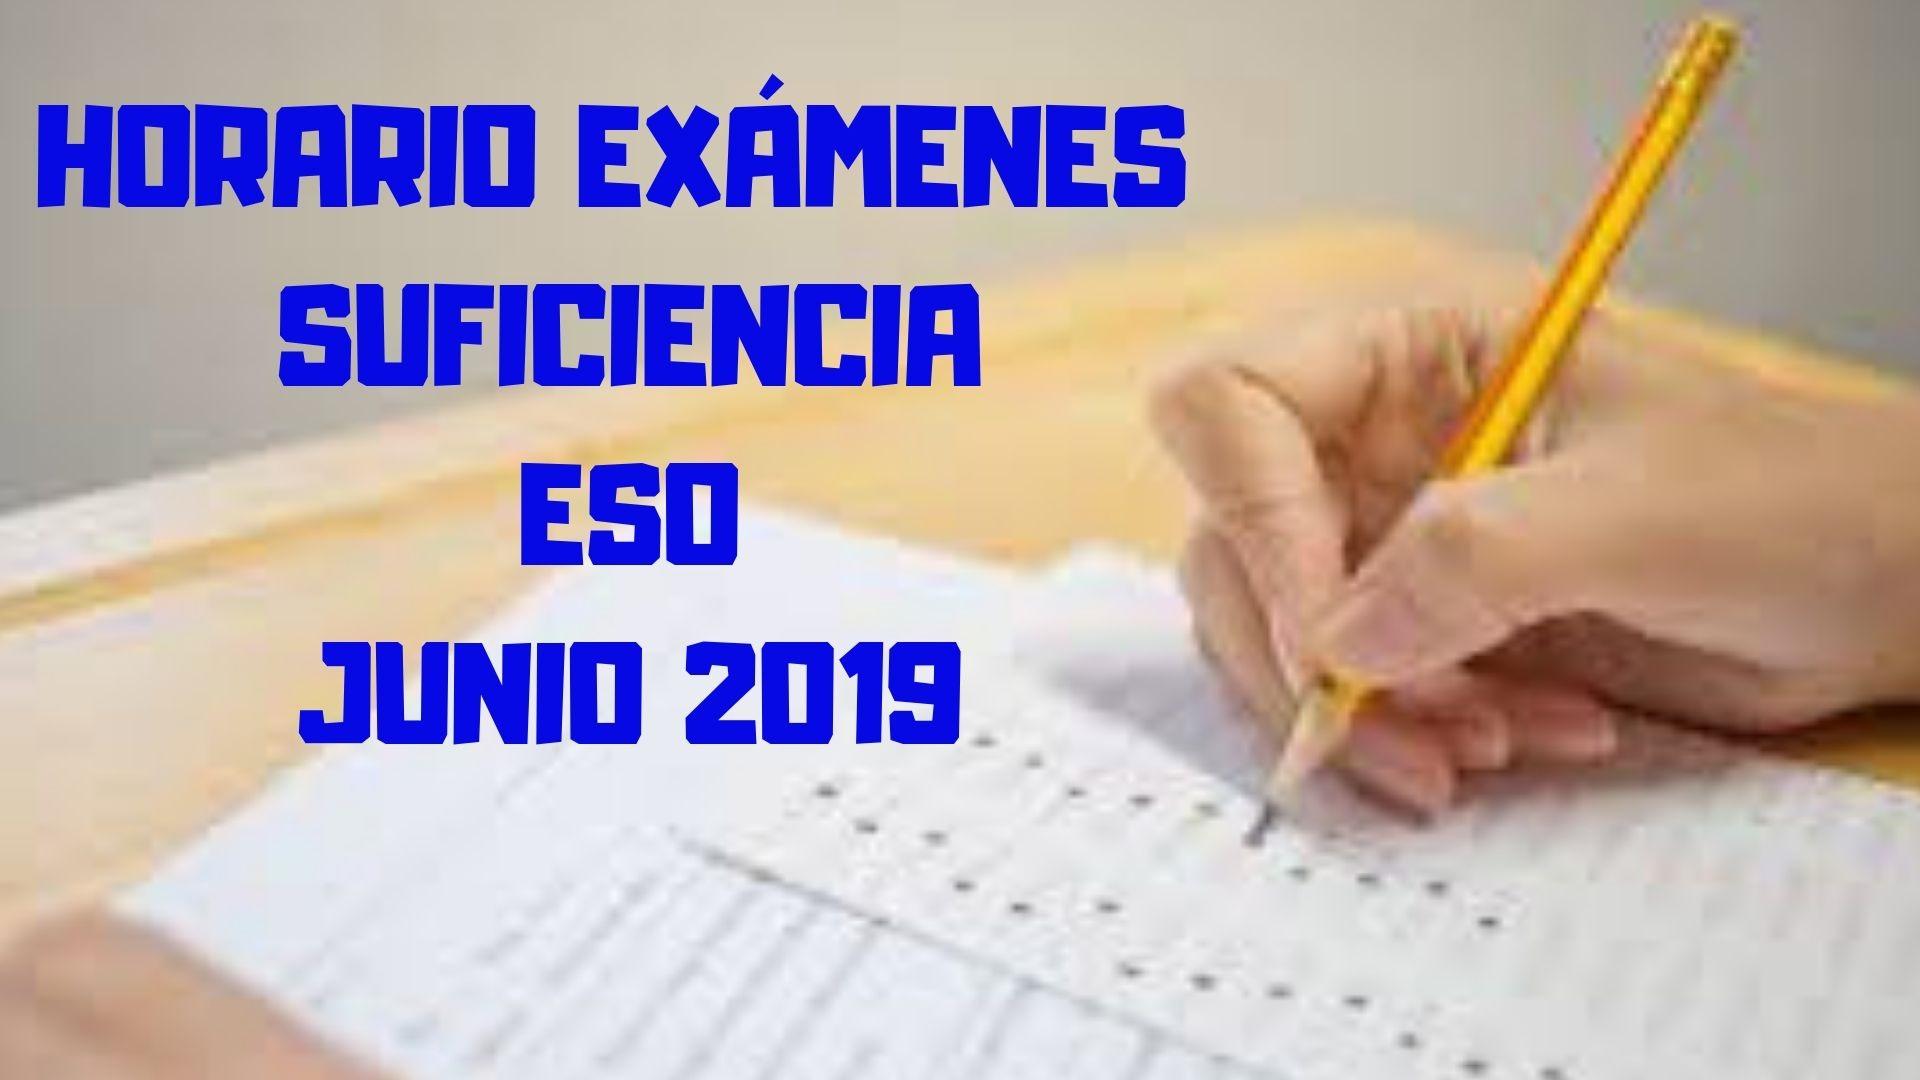 HORARIO EXÁMENES SUFICIENCIA JUNIO 2019